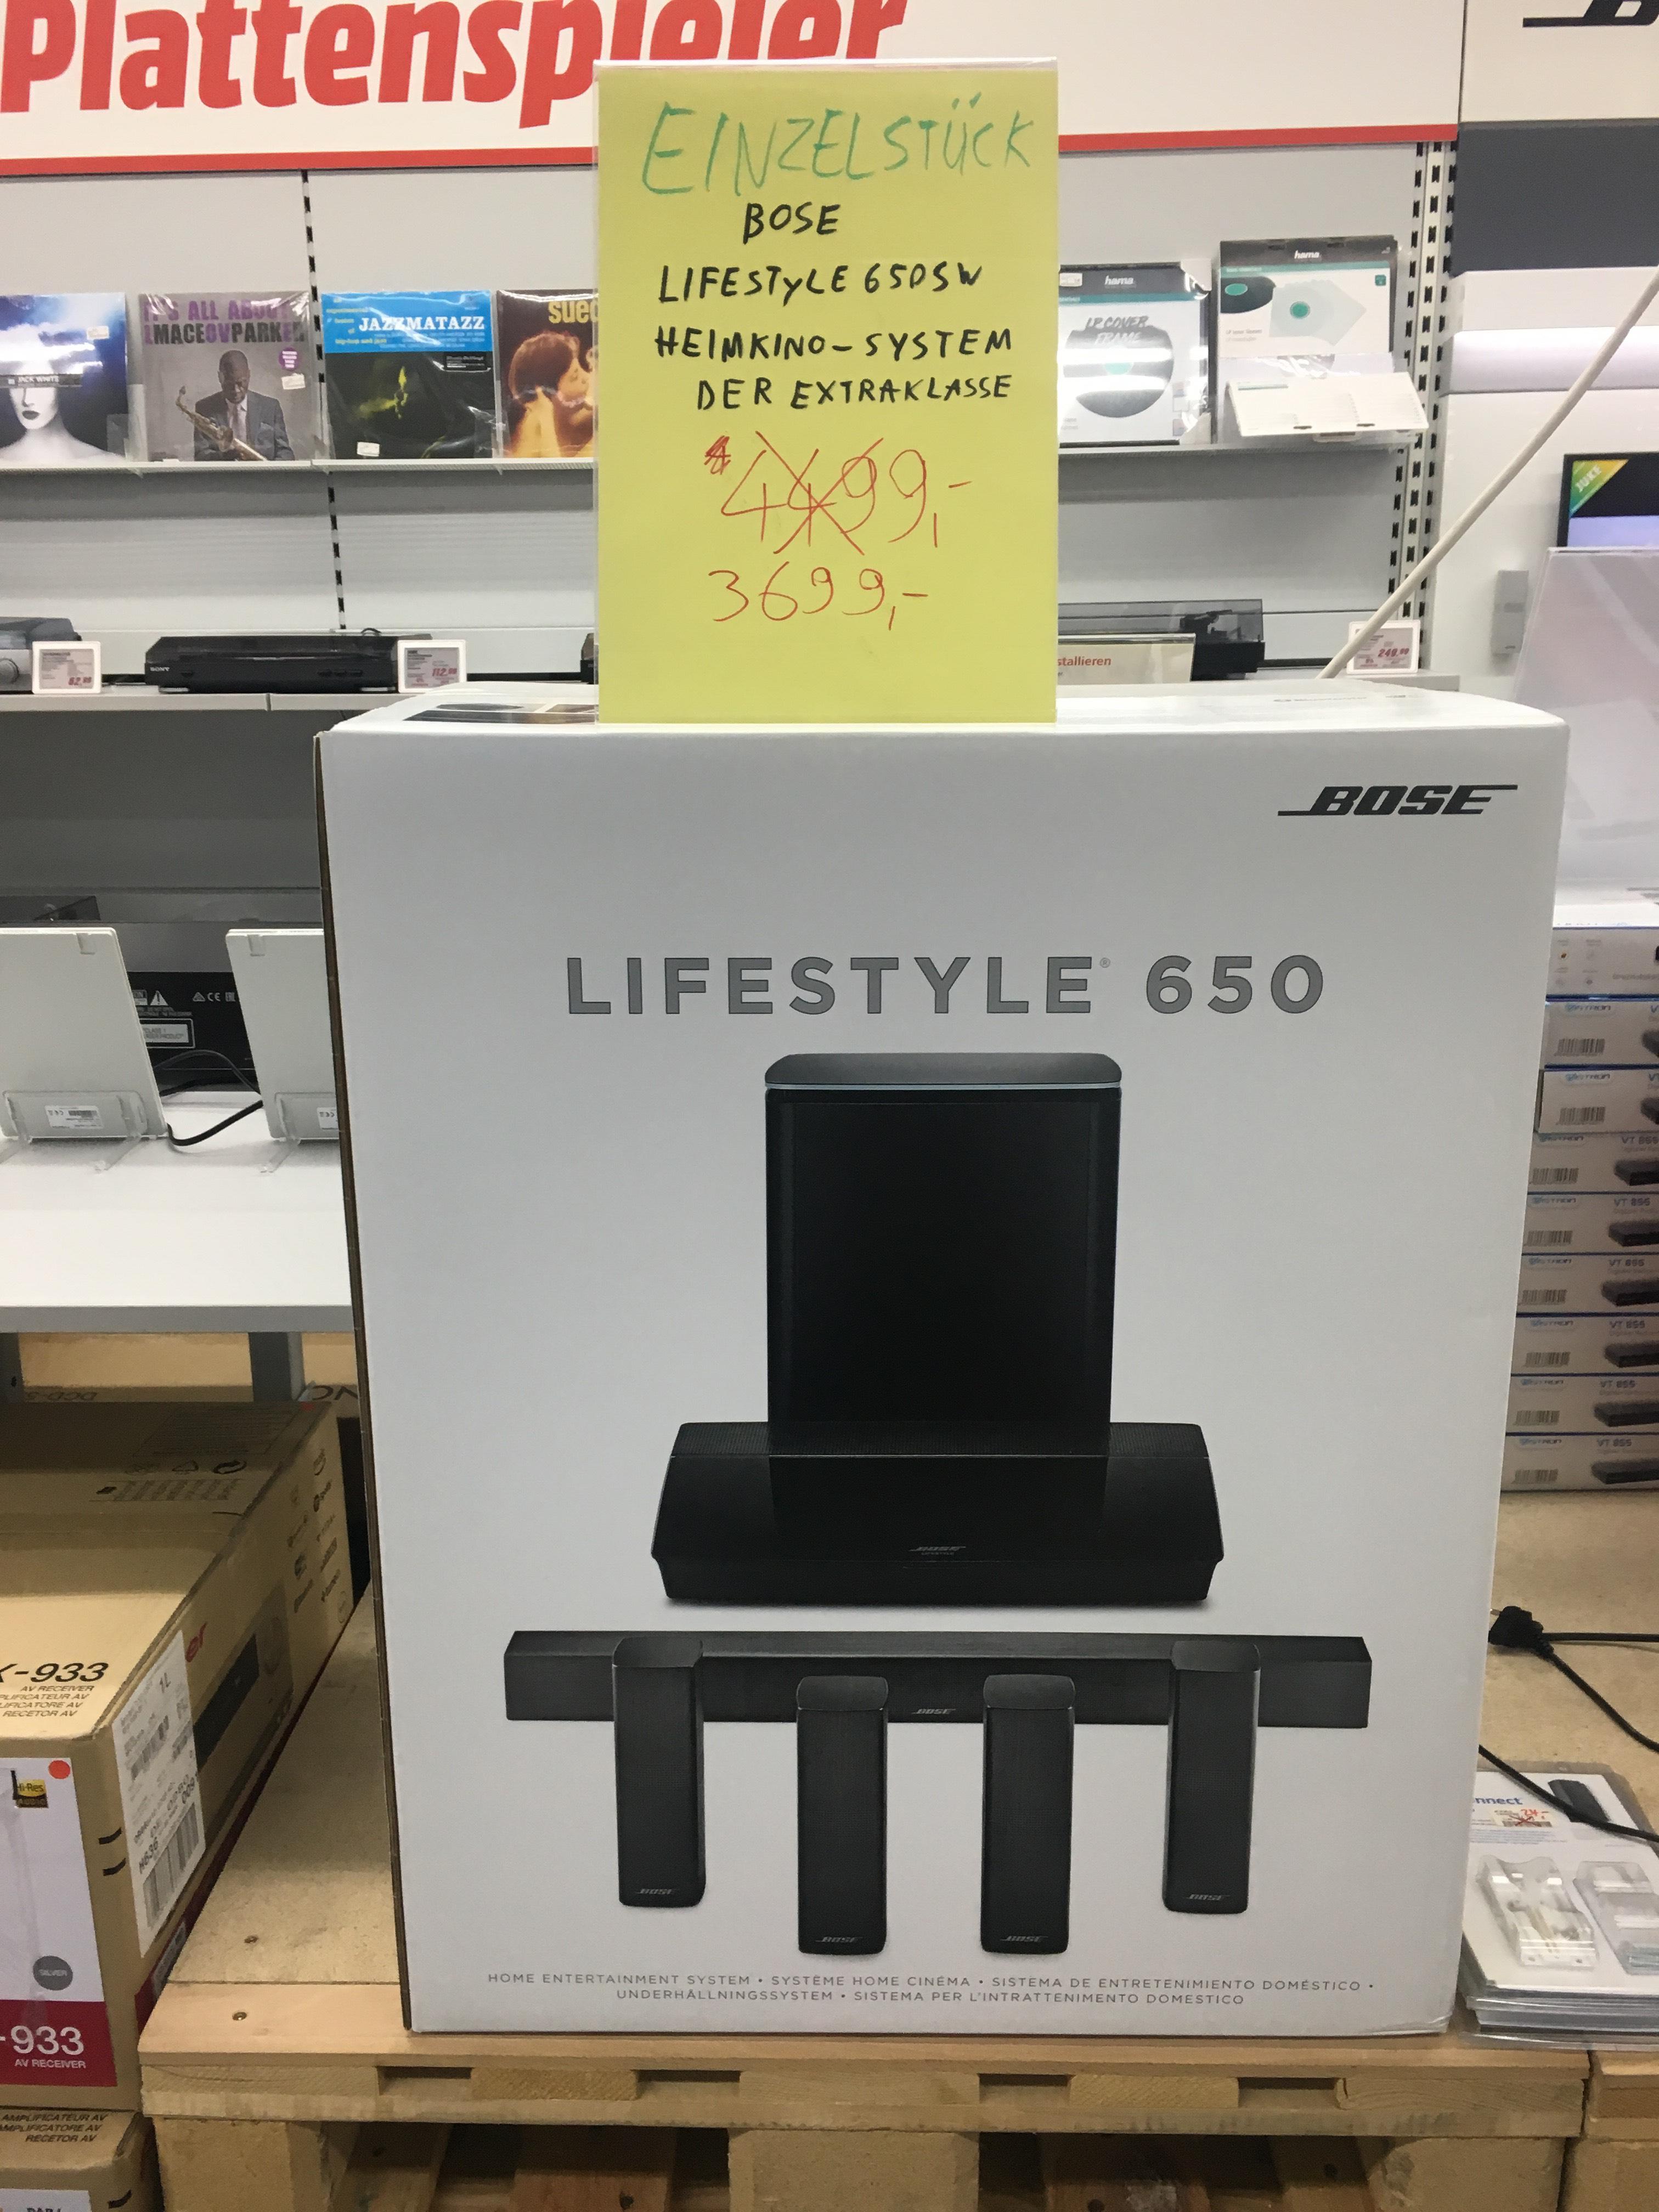 [München] Bose Lifestyle 650 MediaMarkt